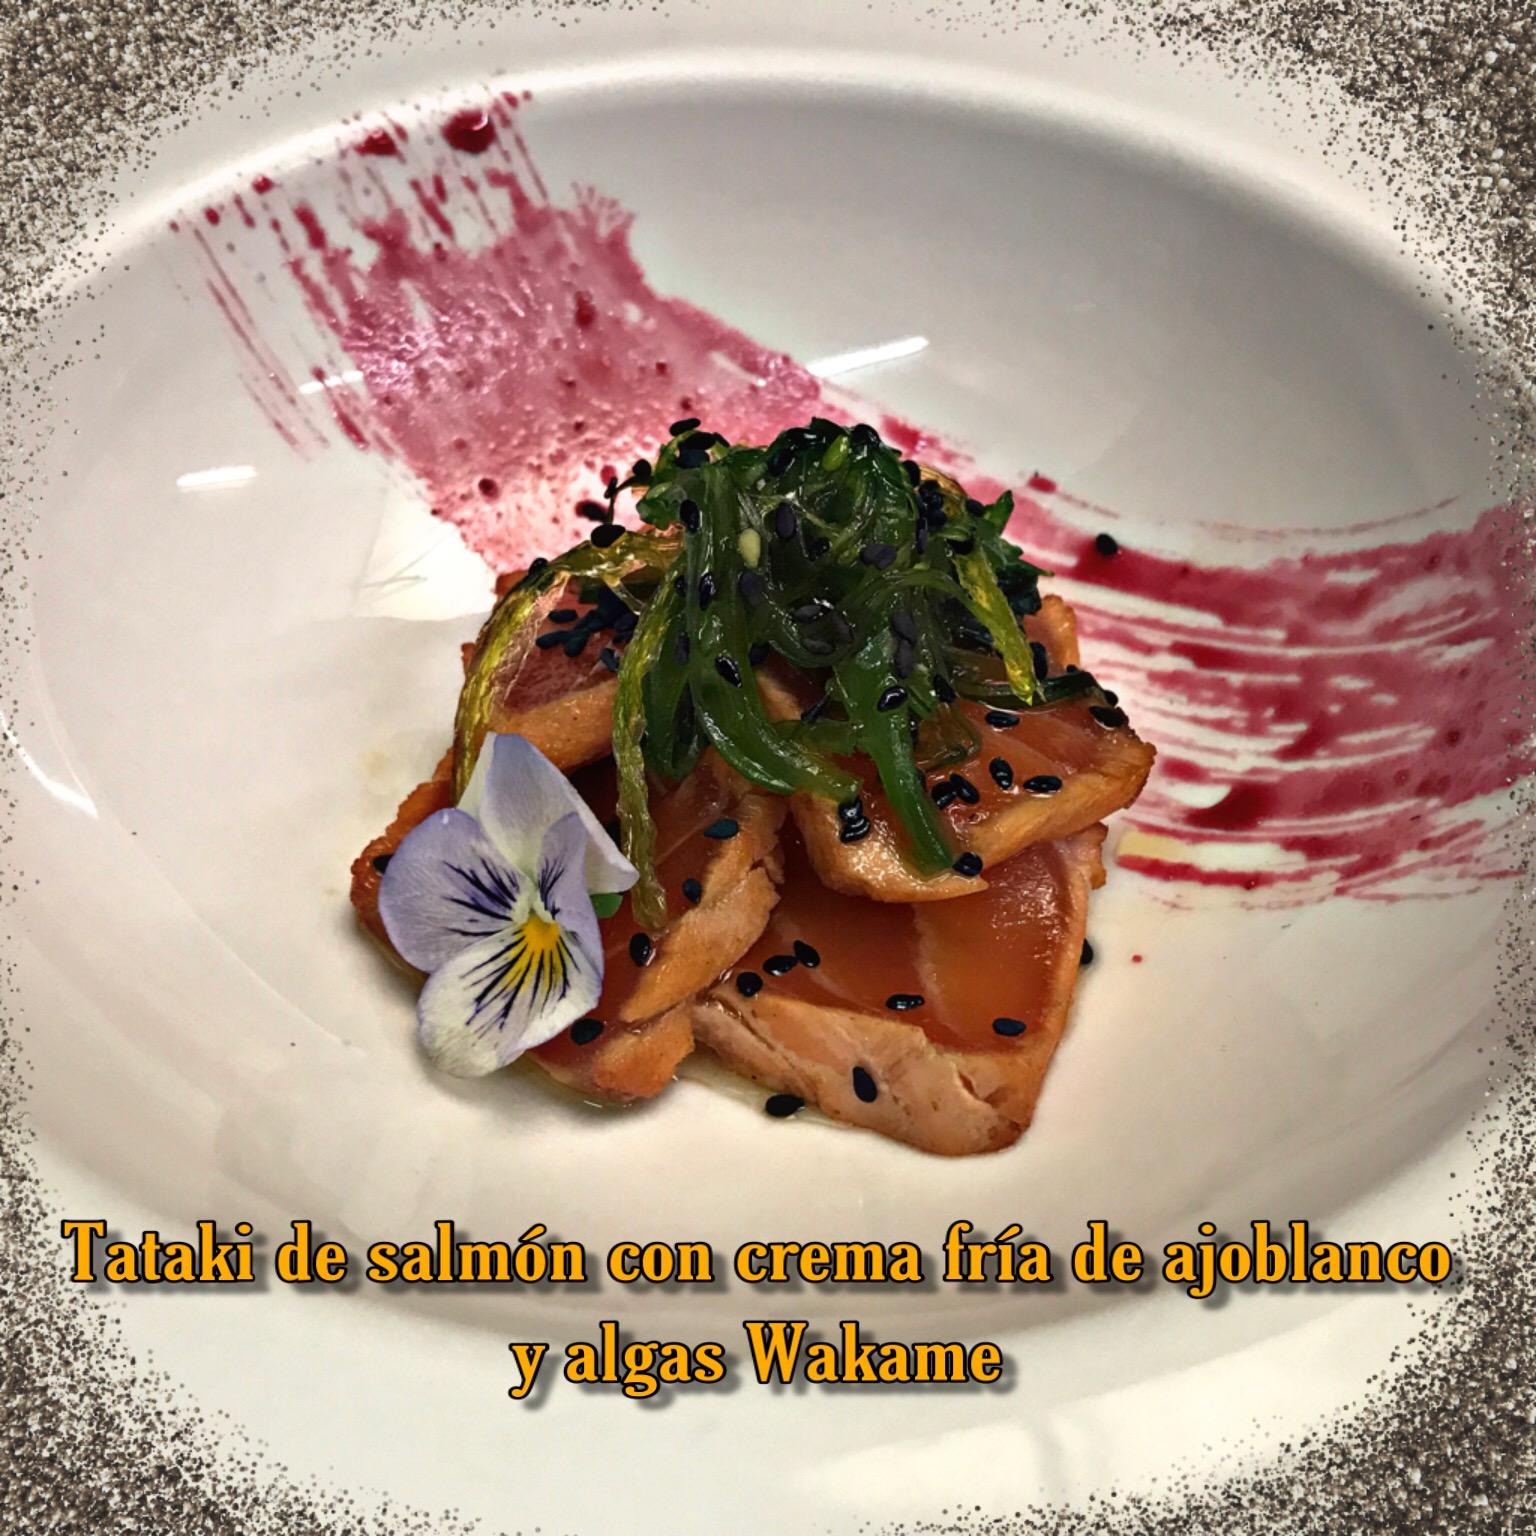 1-Tataki de salmon